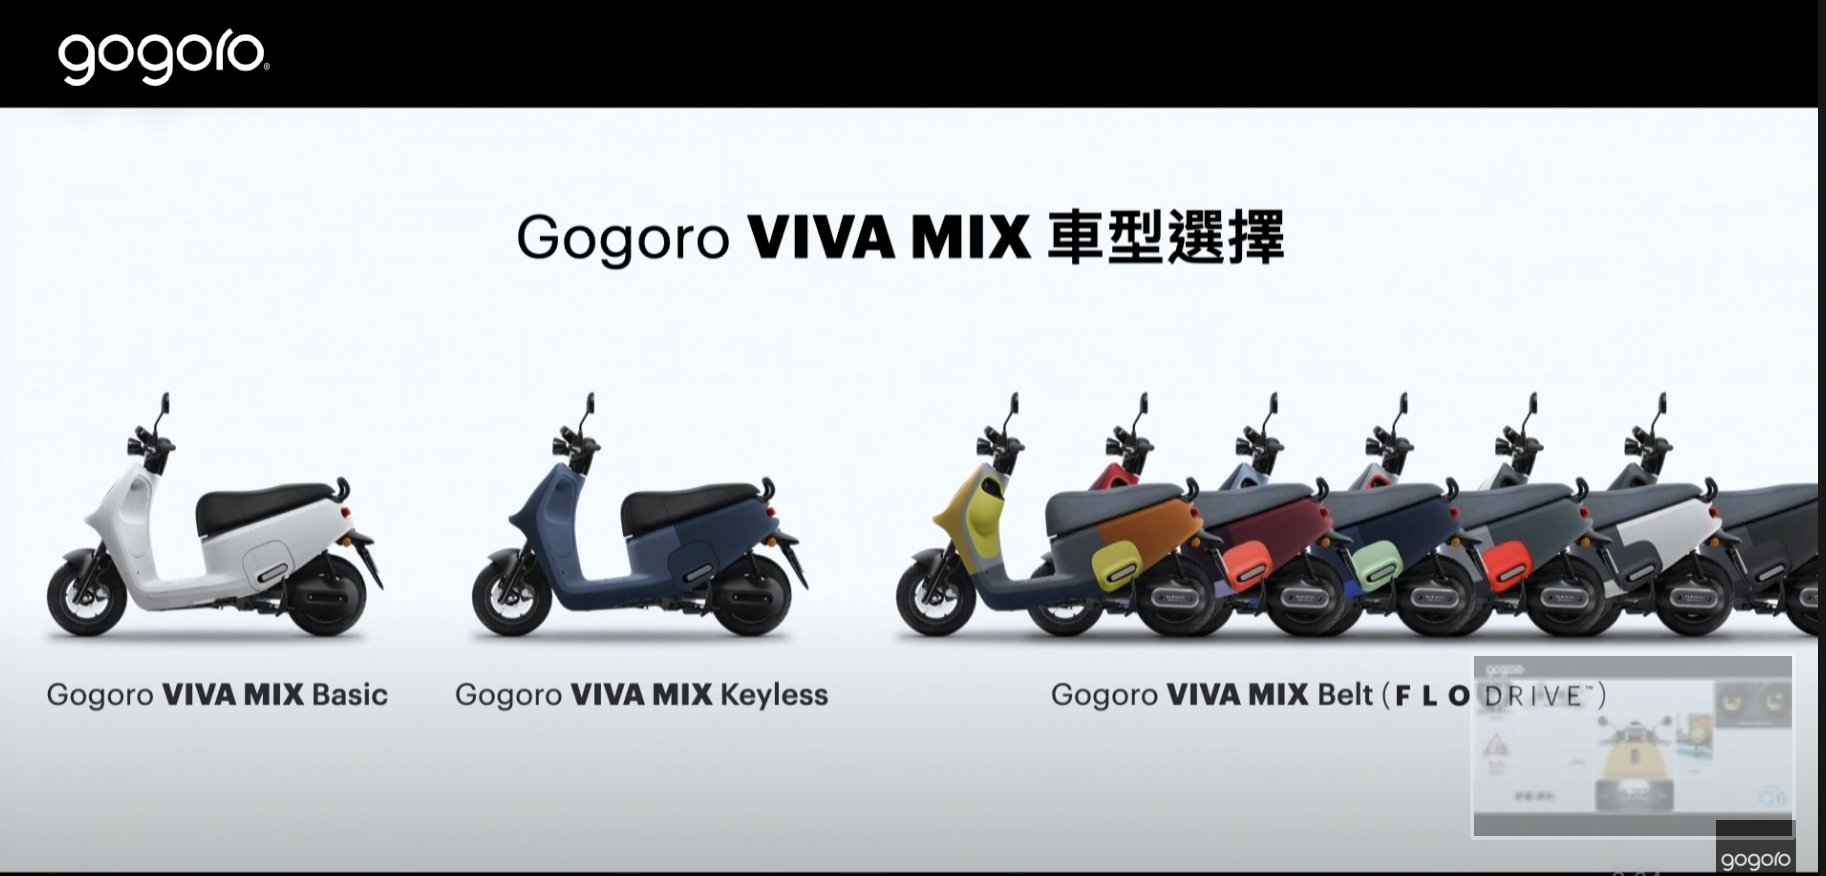 Gogoro VIVA MIX車款選擇